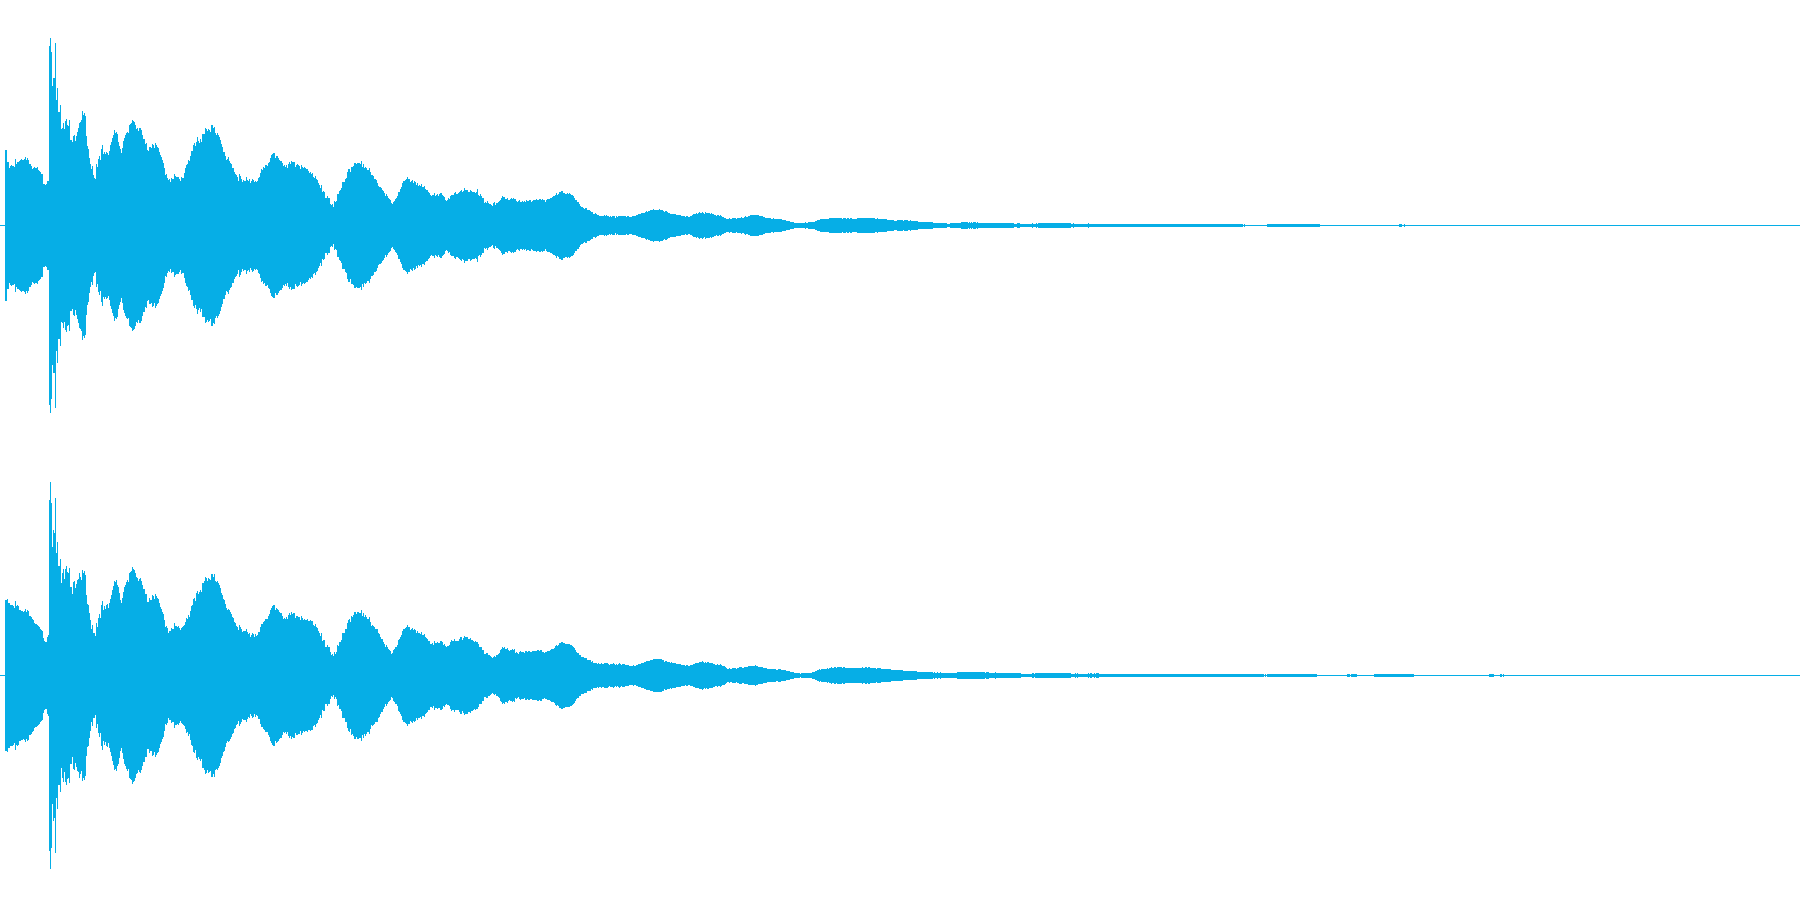 カキーン・コキーン(氷った、獲得した音)の再生済みの波形